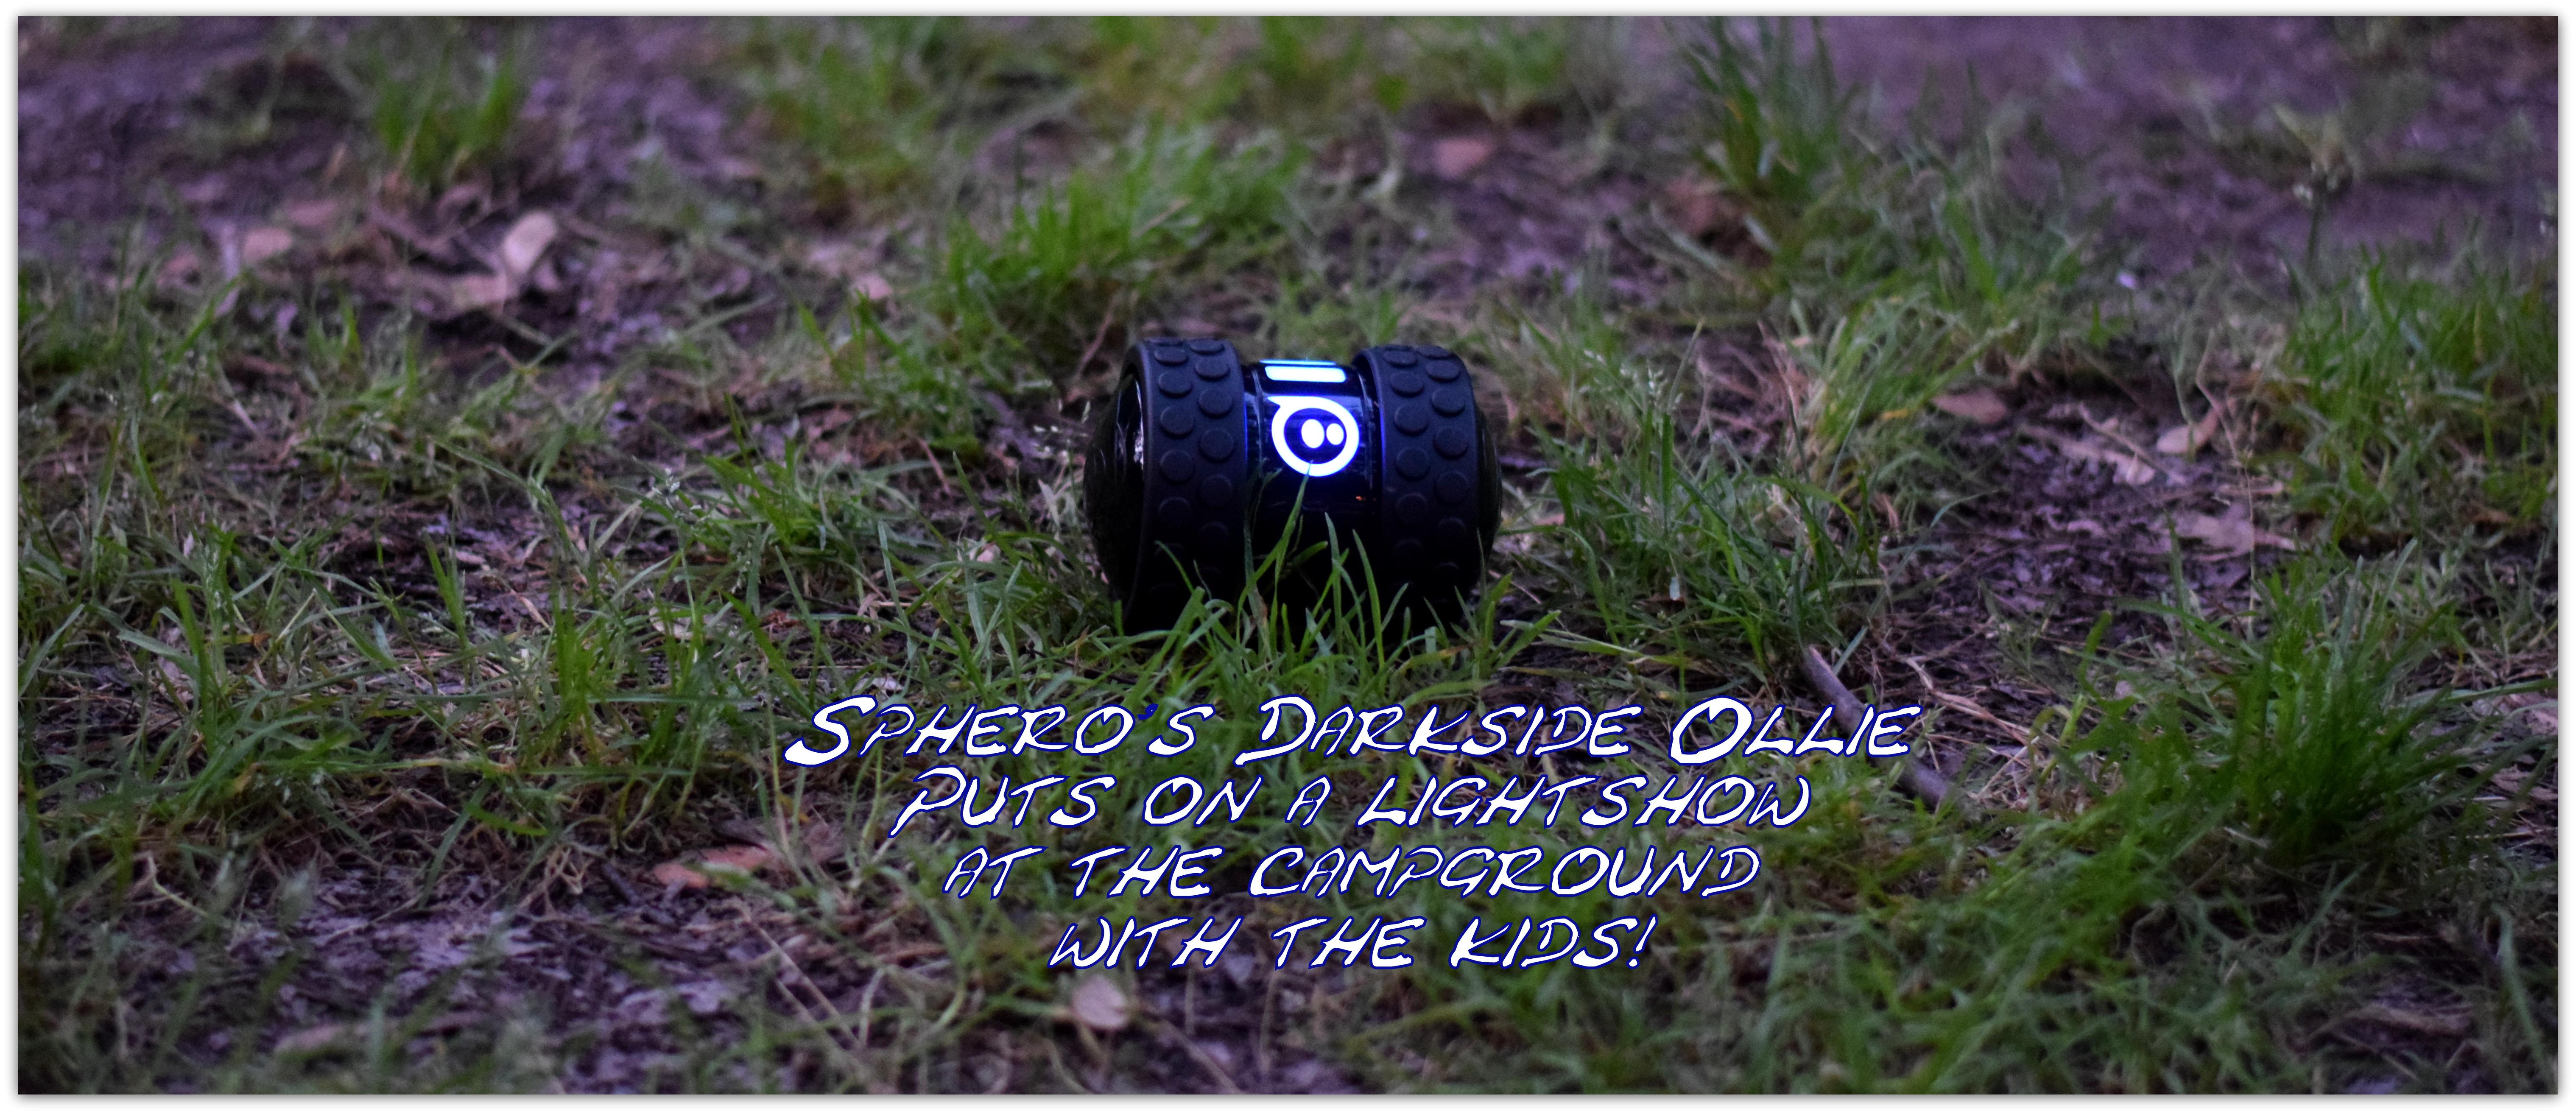 Sphero Darkside Ollie Video Review